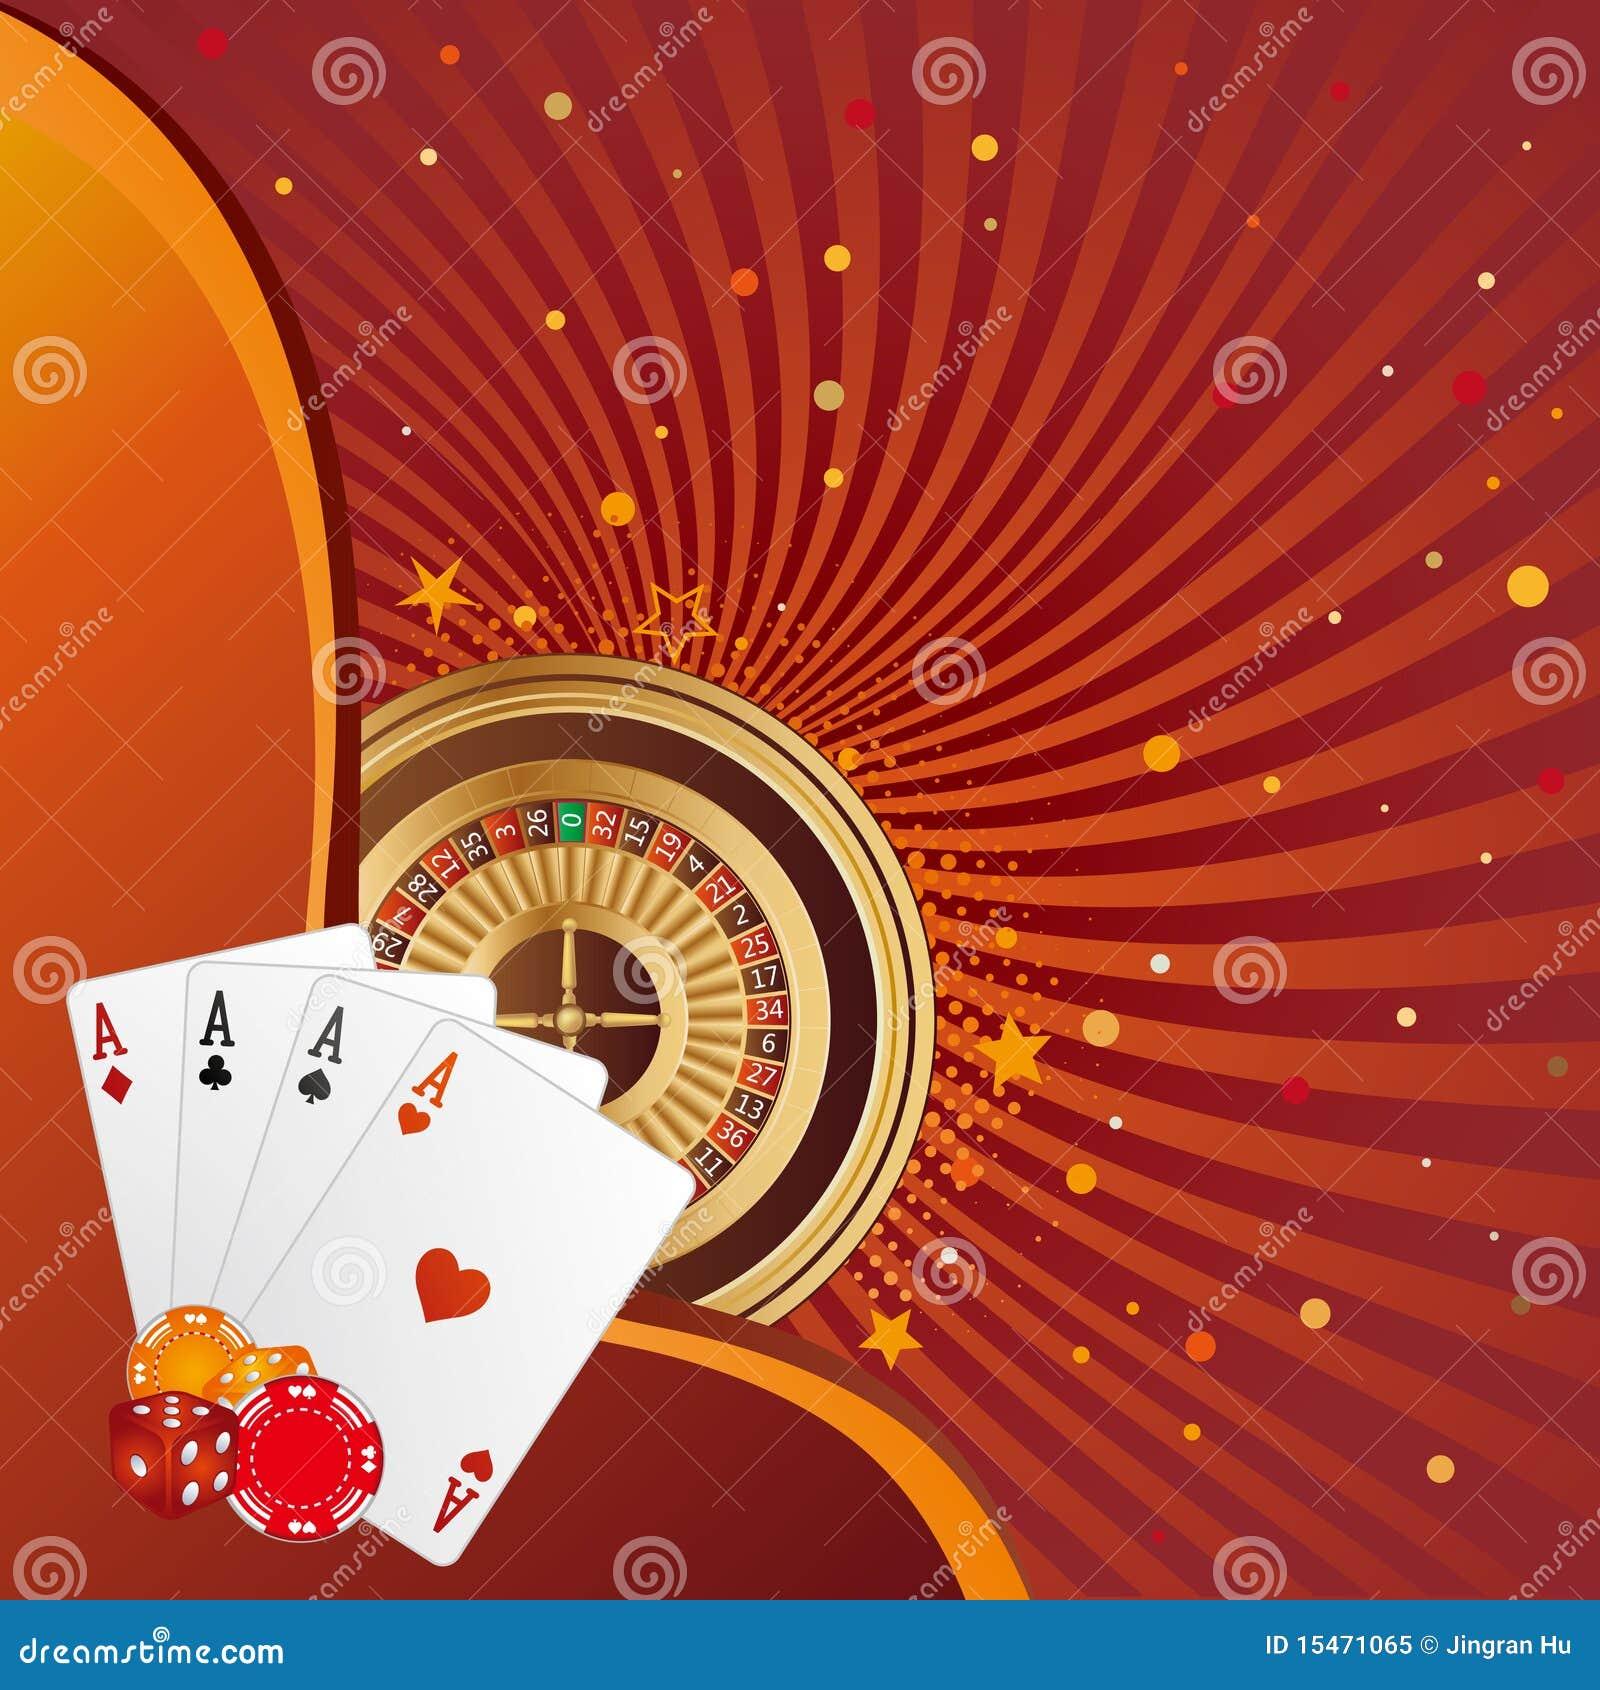 Hand for hand poker